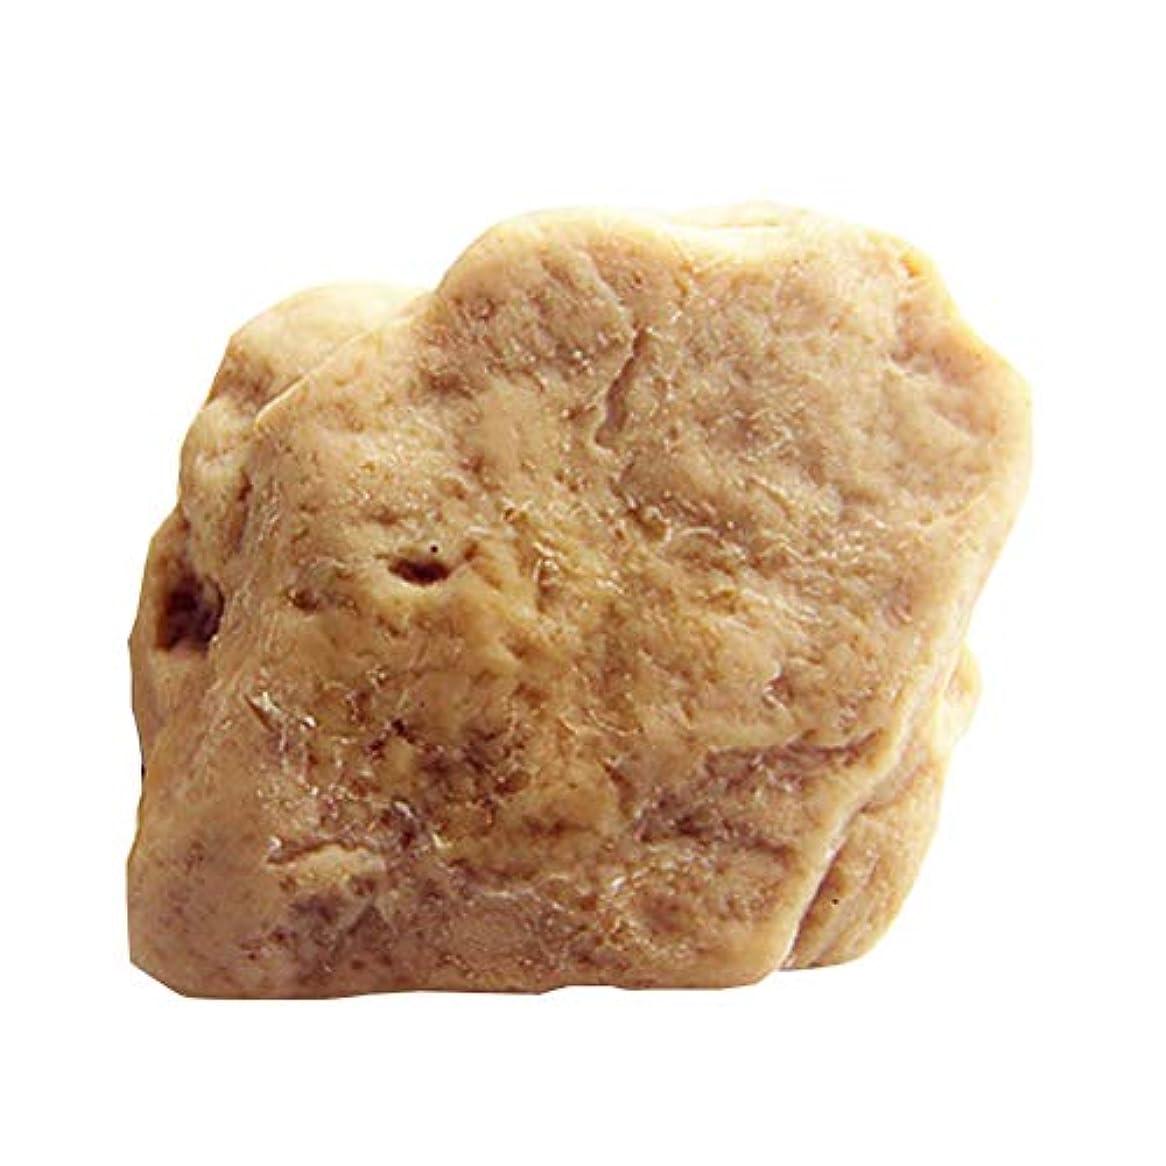 昼食ピース与えるsupbel 洗顔石鹸 石鹸 洗顔用石鹸 保湿 洗顔 オリーブオイル入り 美白 毛穴 黒ずみ用 自然乾燥仕上げ 美肌 シャワー用